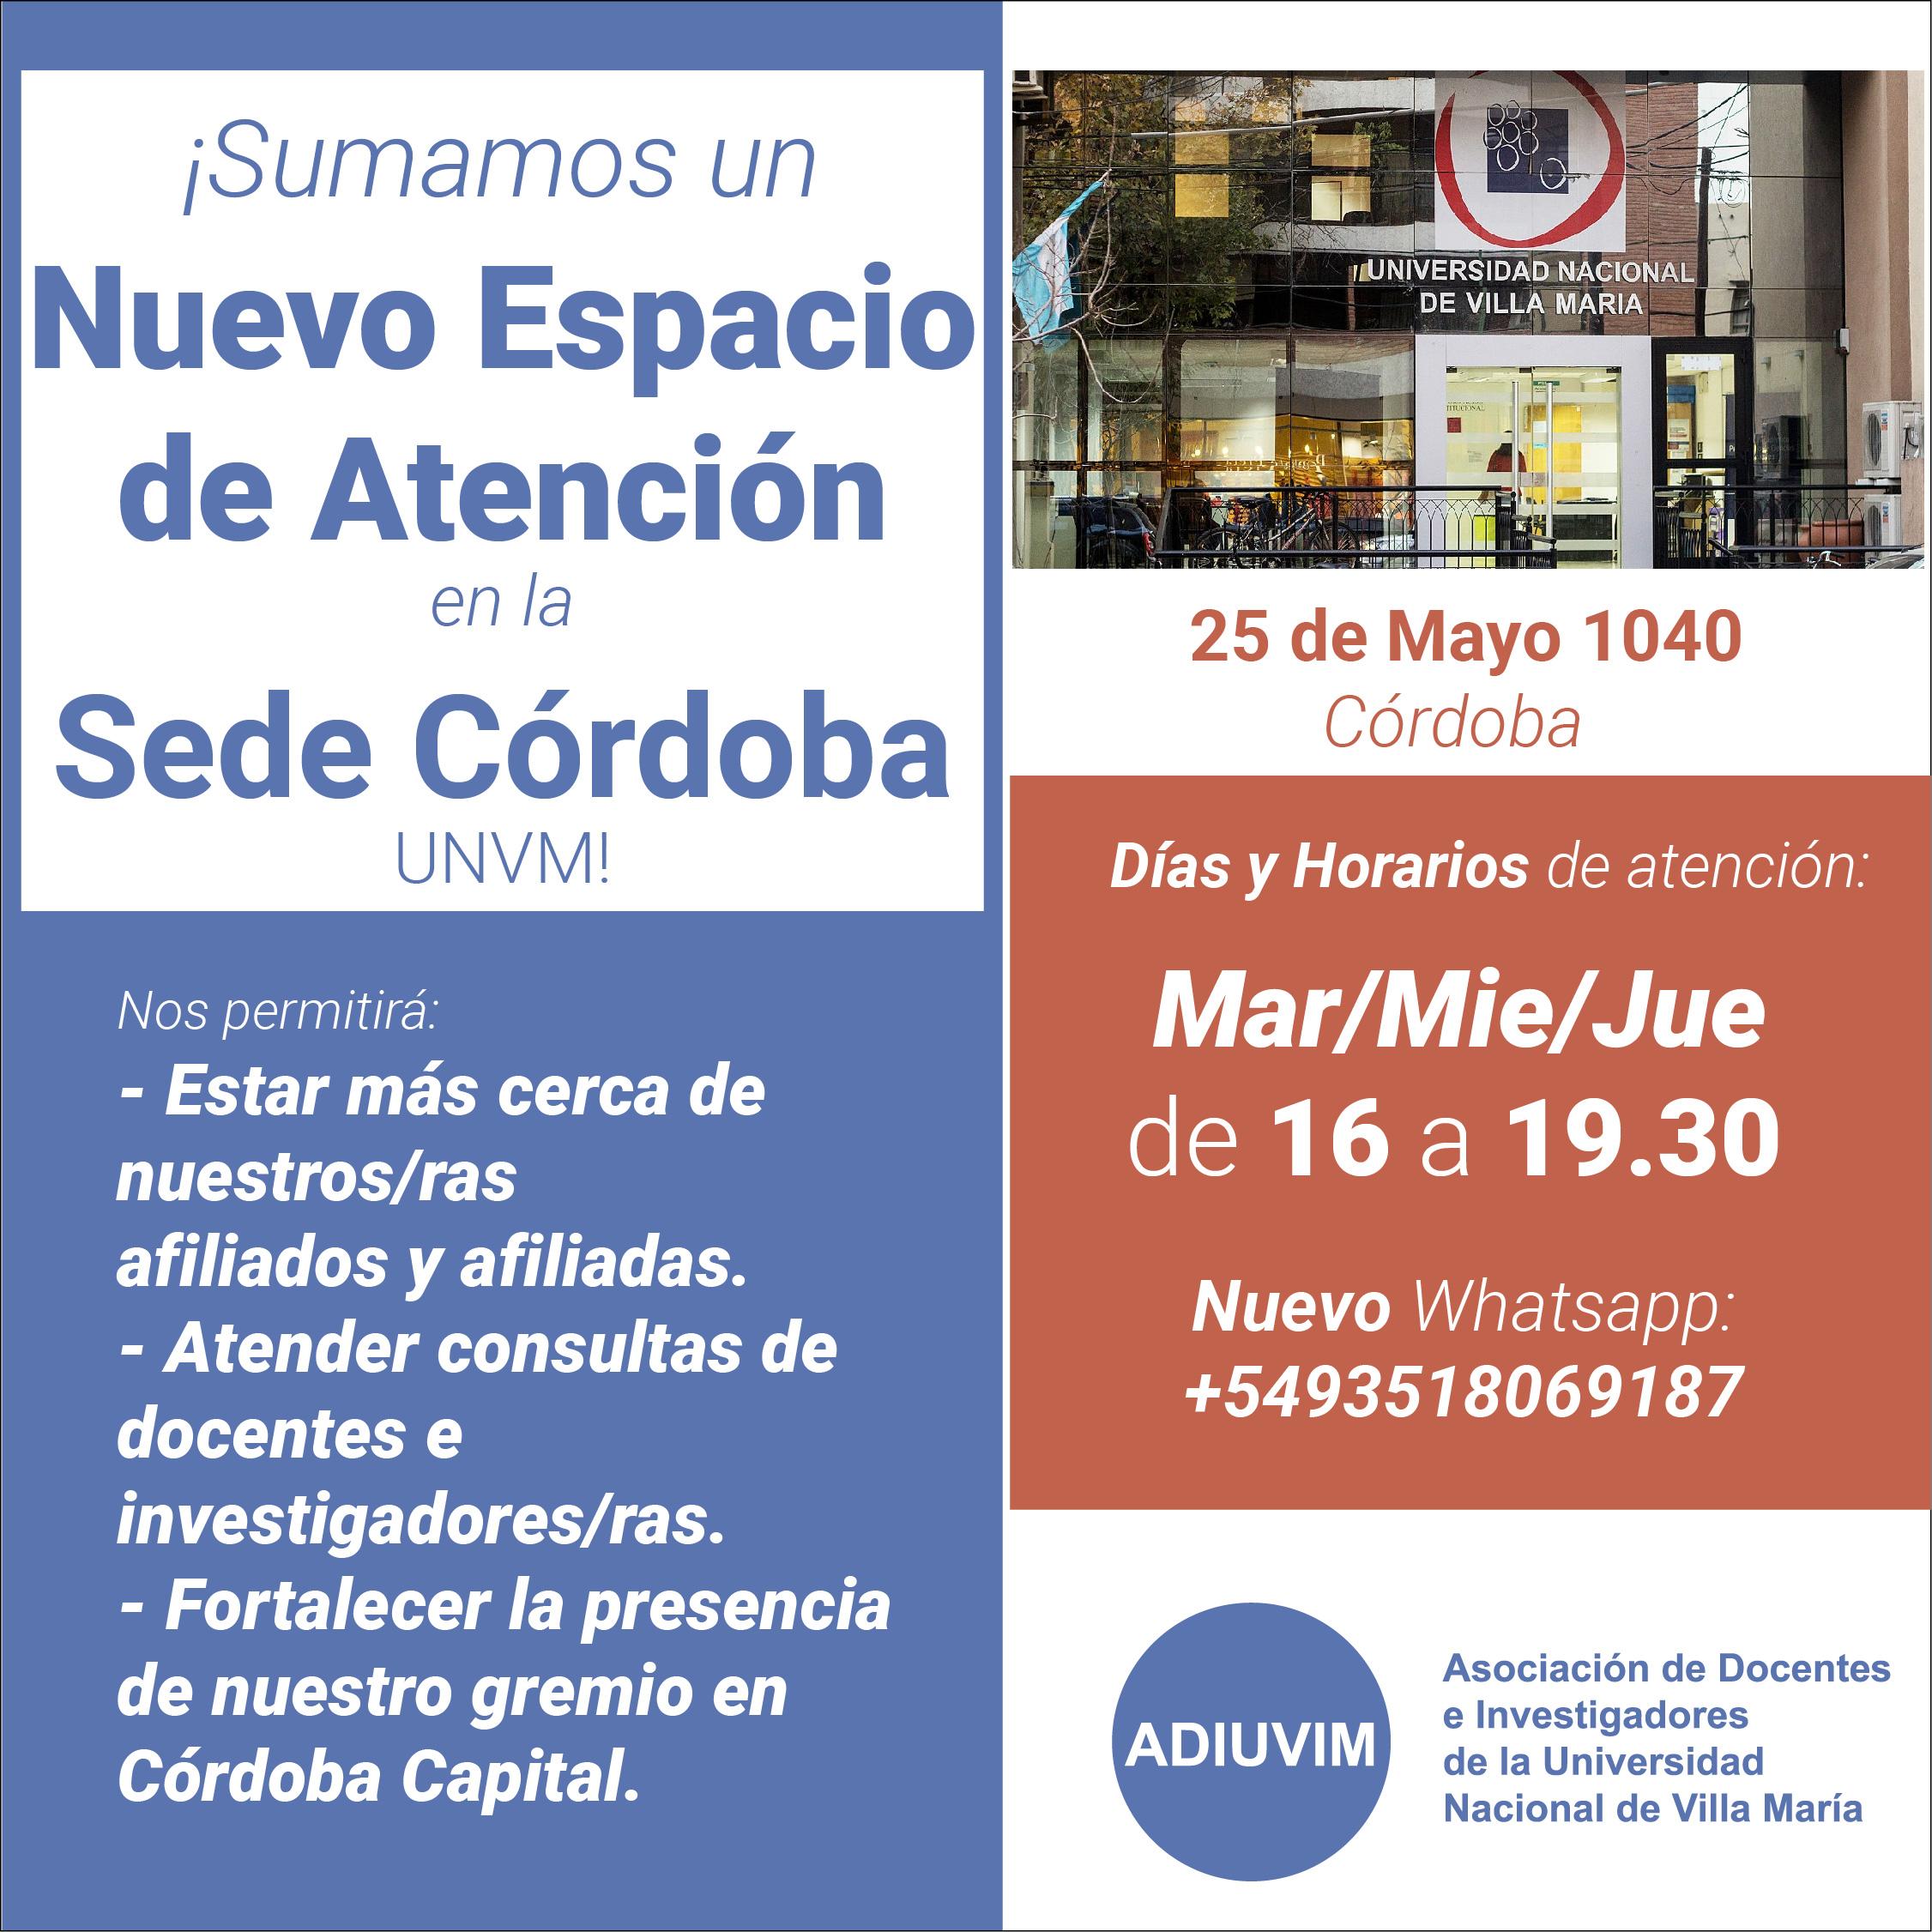 ¡Sumamos un Nuevo Espacio de Atención en Córdoba!